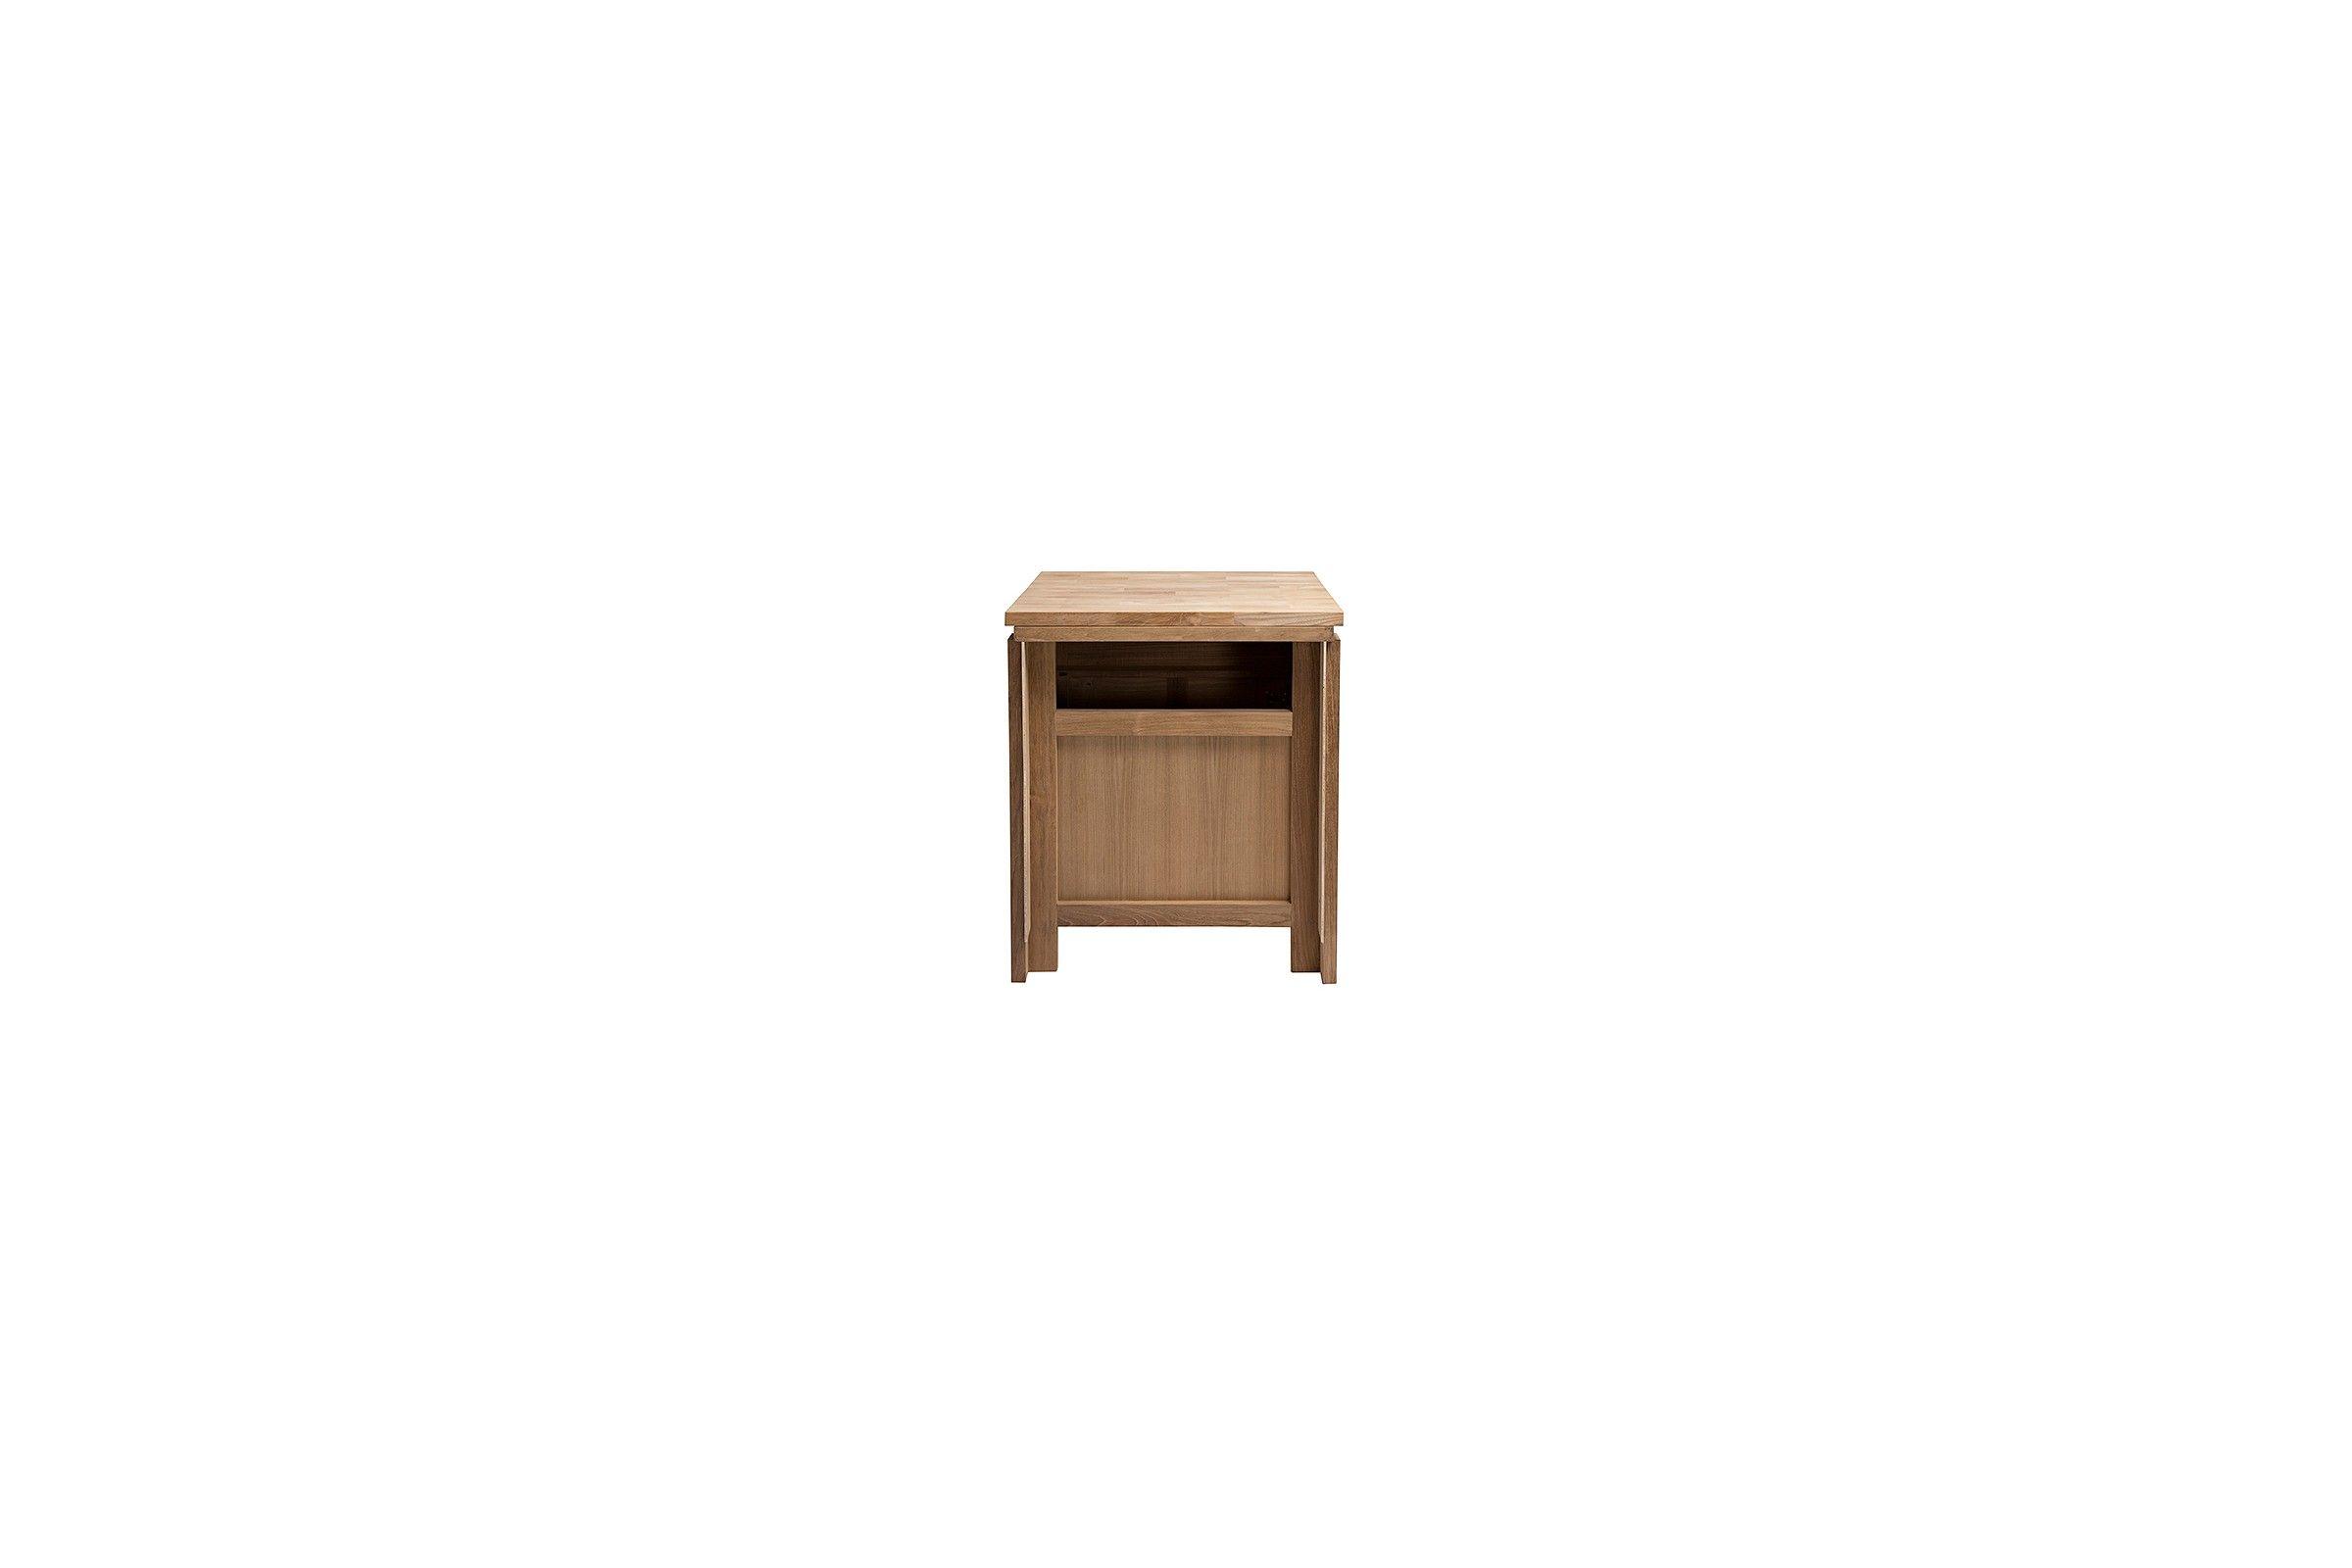 meuble vasque teck 65 cm plan de toilette bois ou pierre line art. Black Bedroom Furniture Sets. Home Design Ideas